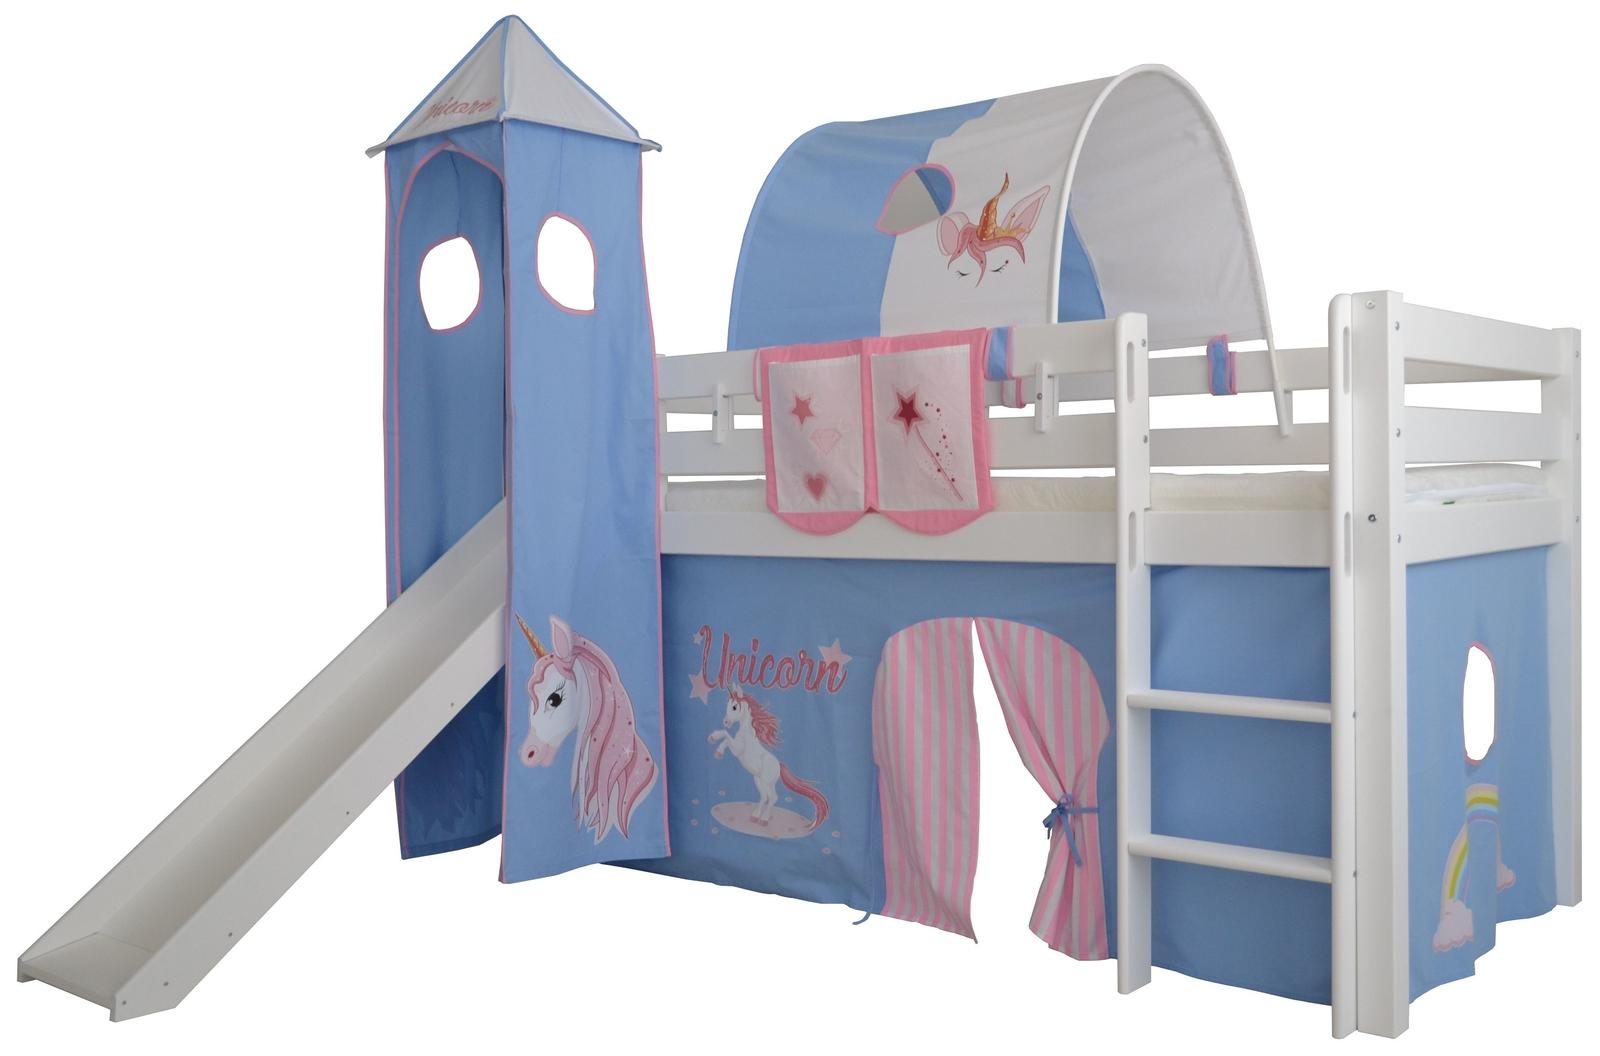 Full Size of Kinderzimmer Hochbett Halbhohes Einhorn Massivholz Mit Leiter Und Regal Weiß Regale Sofa Kinderzimmer Kinderzimmer Hochbett